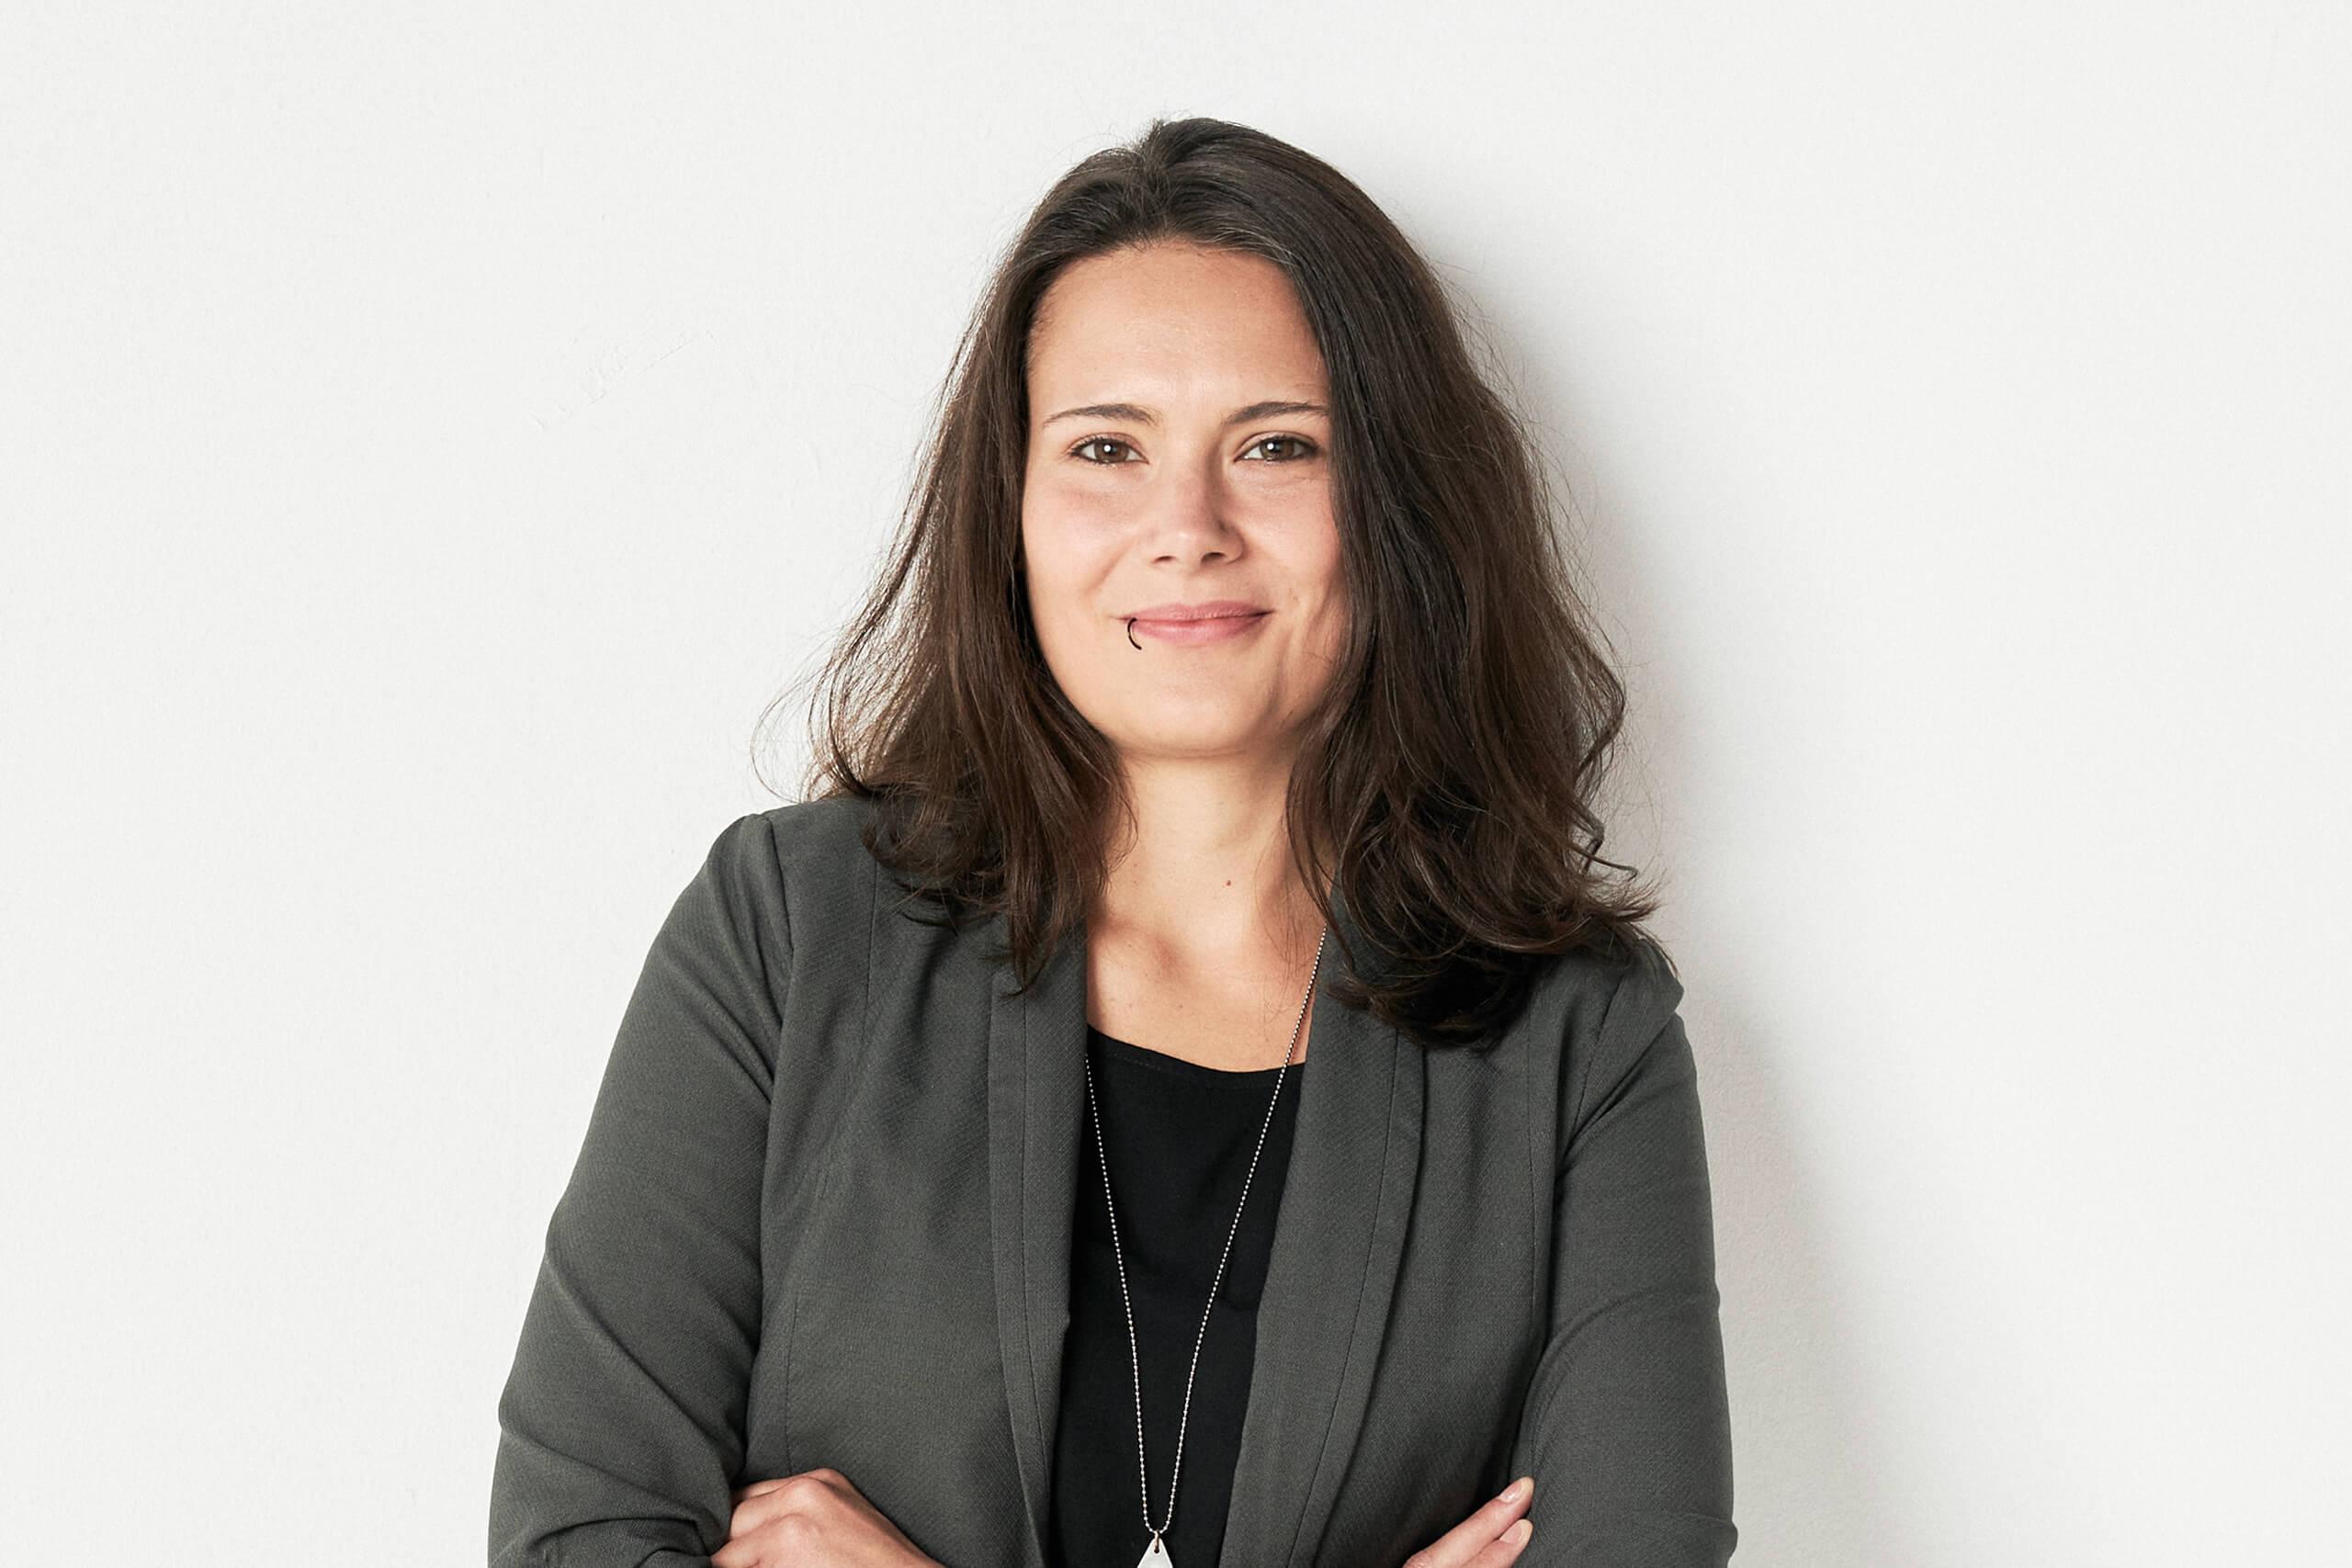 Tamara Zimmermann otago